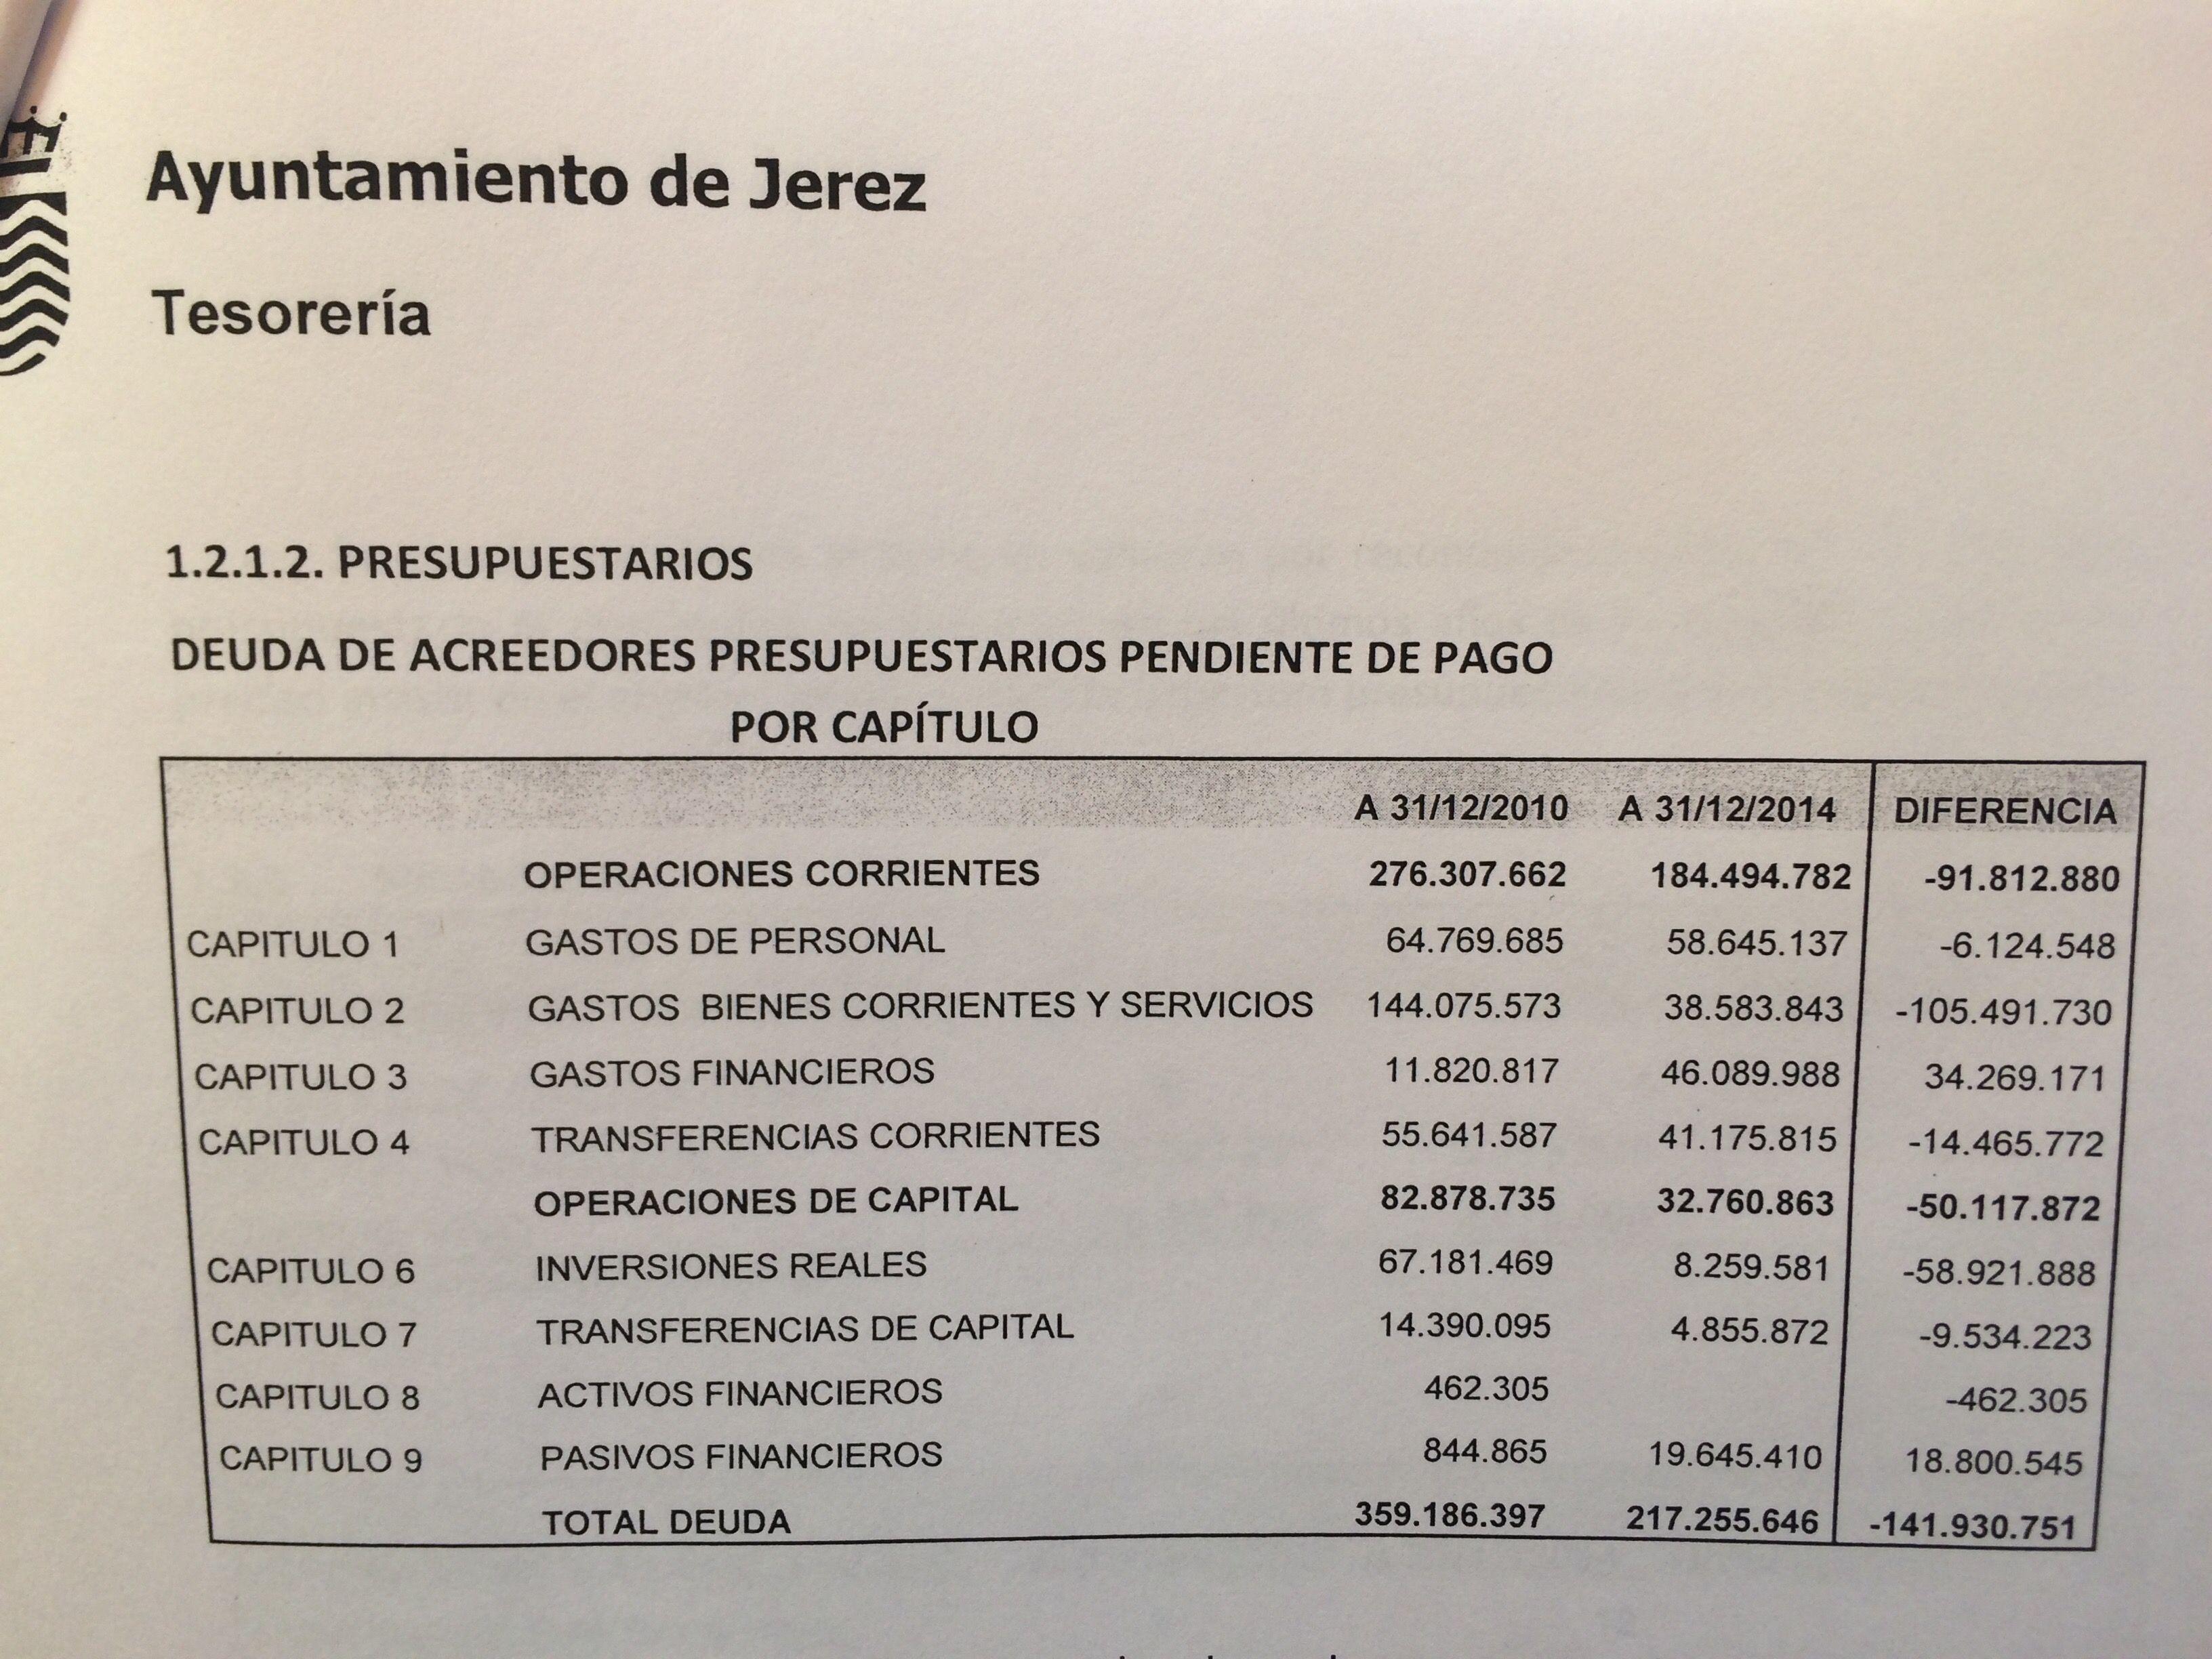 Deudas_acreedores presupuestarios